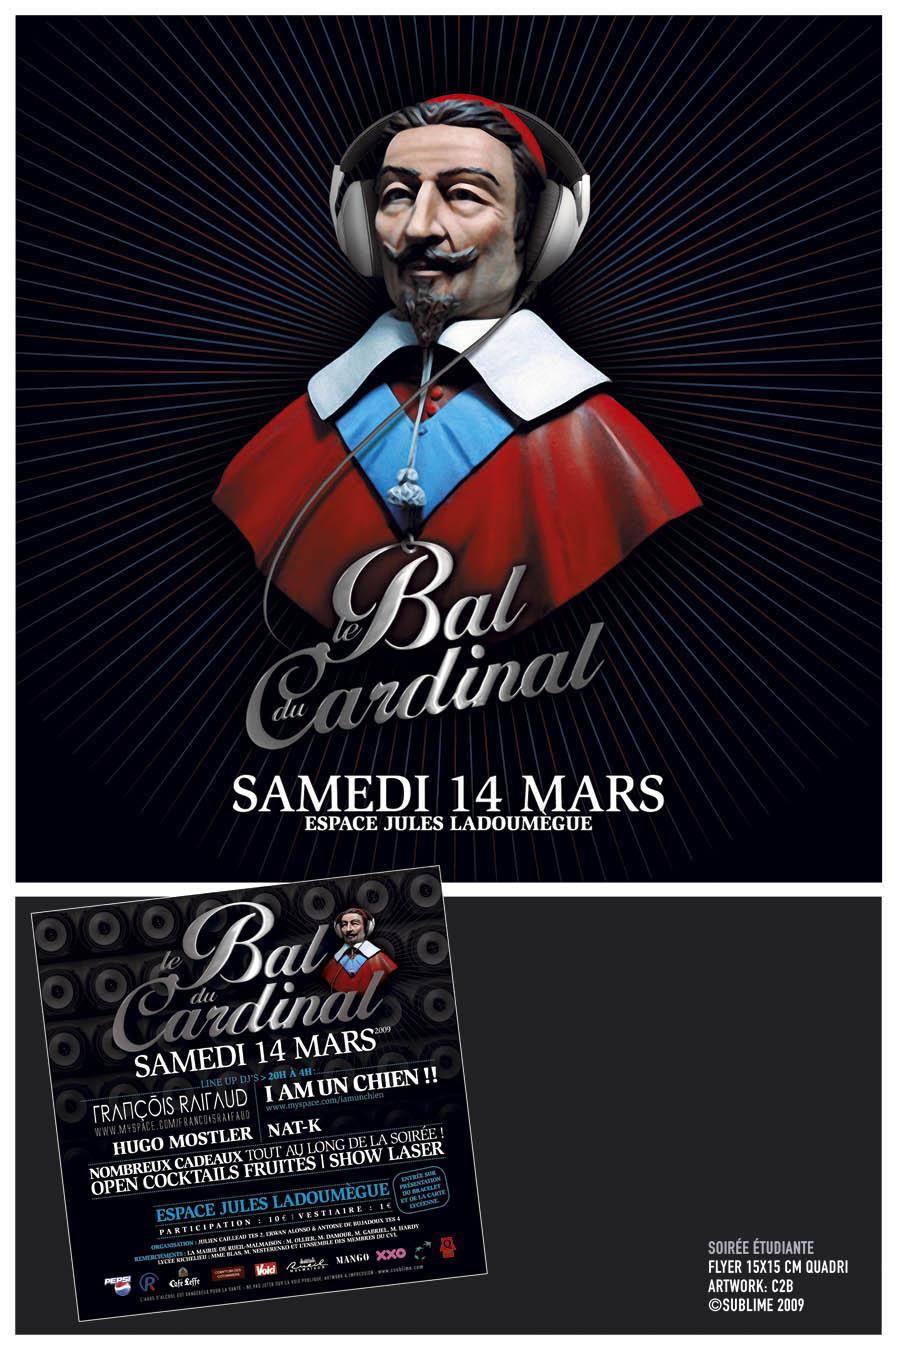 FLYER_PLANCHES_PARIS_CSUBLIME_3.jpg (image)